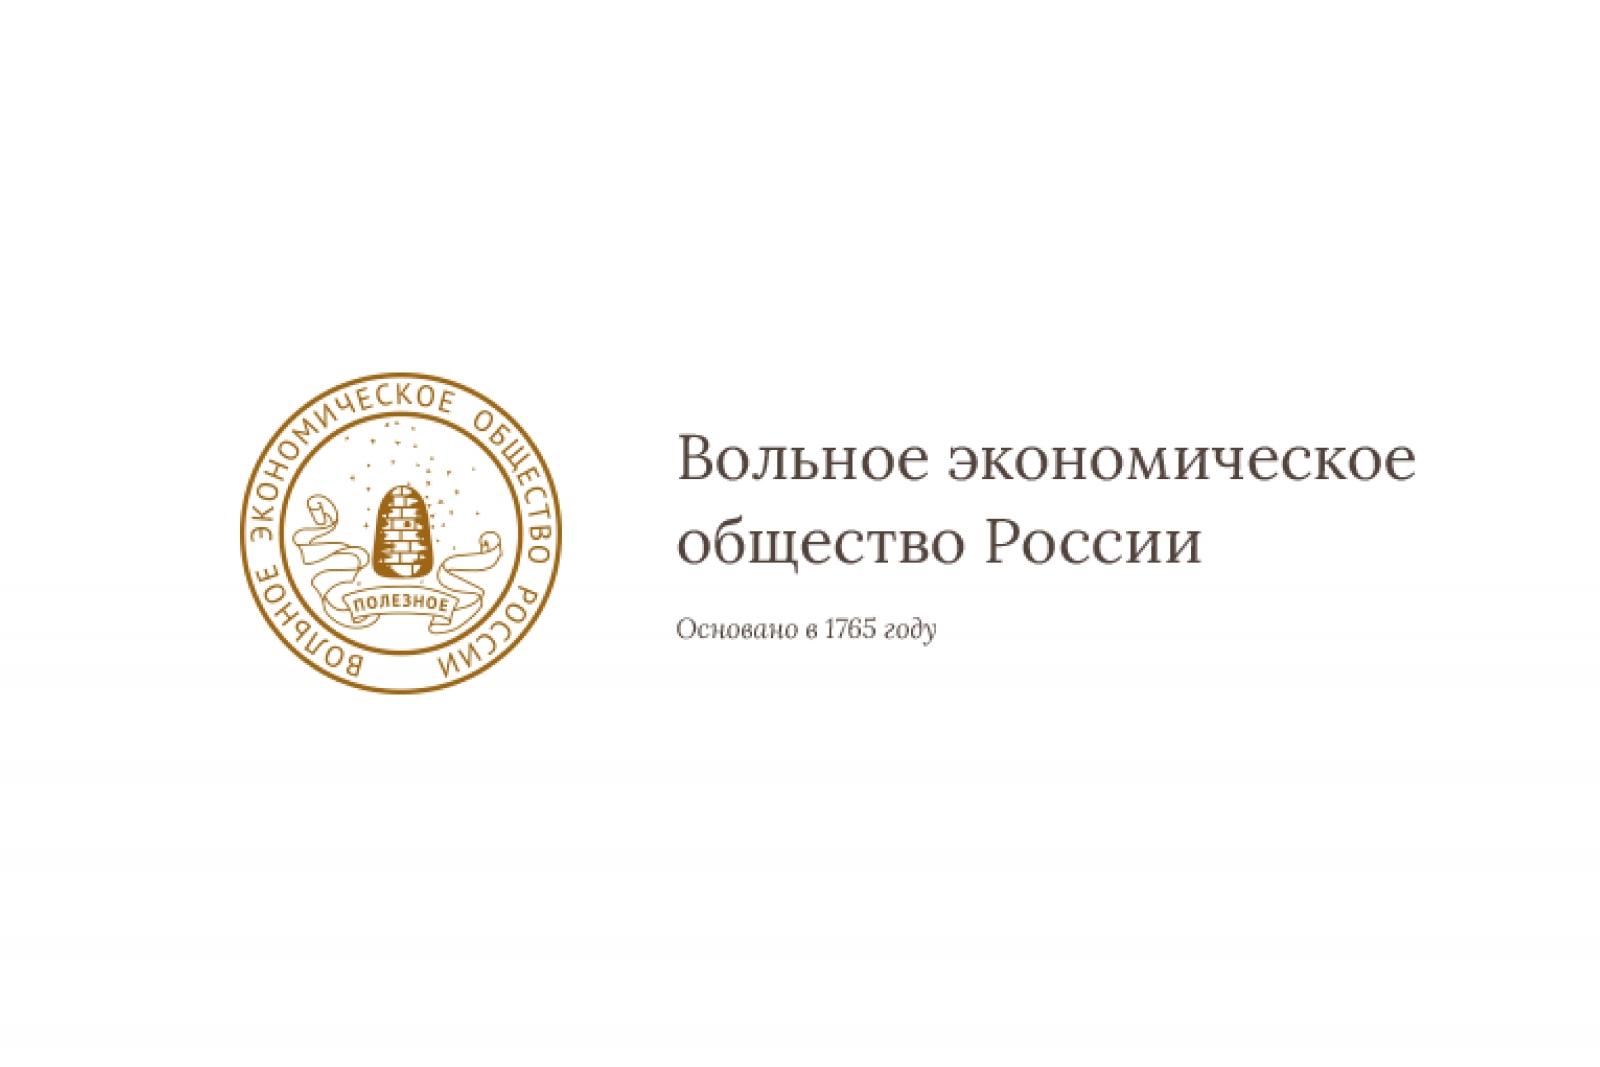 Общероссийская высшая общественная экономическая премия «Экономист года» 2021